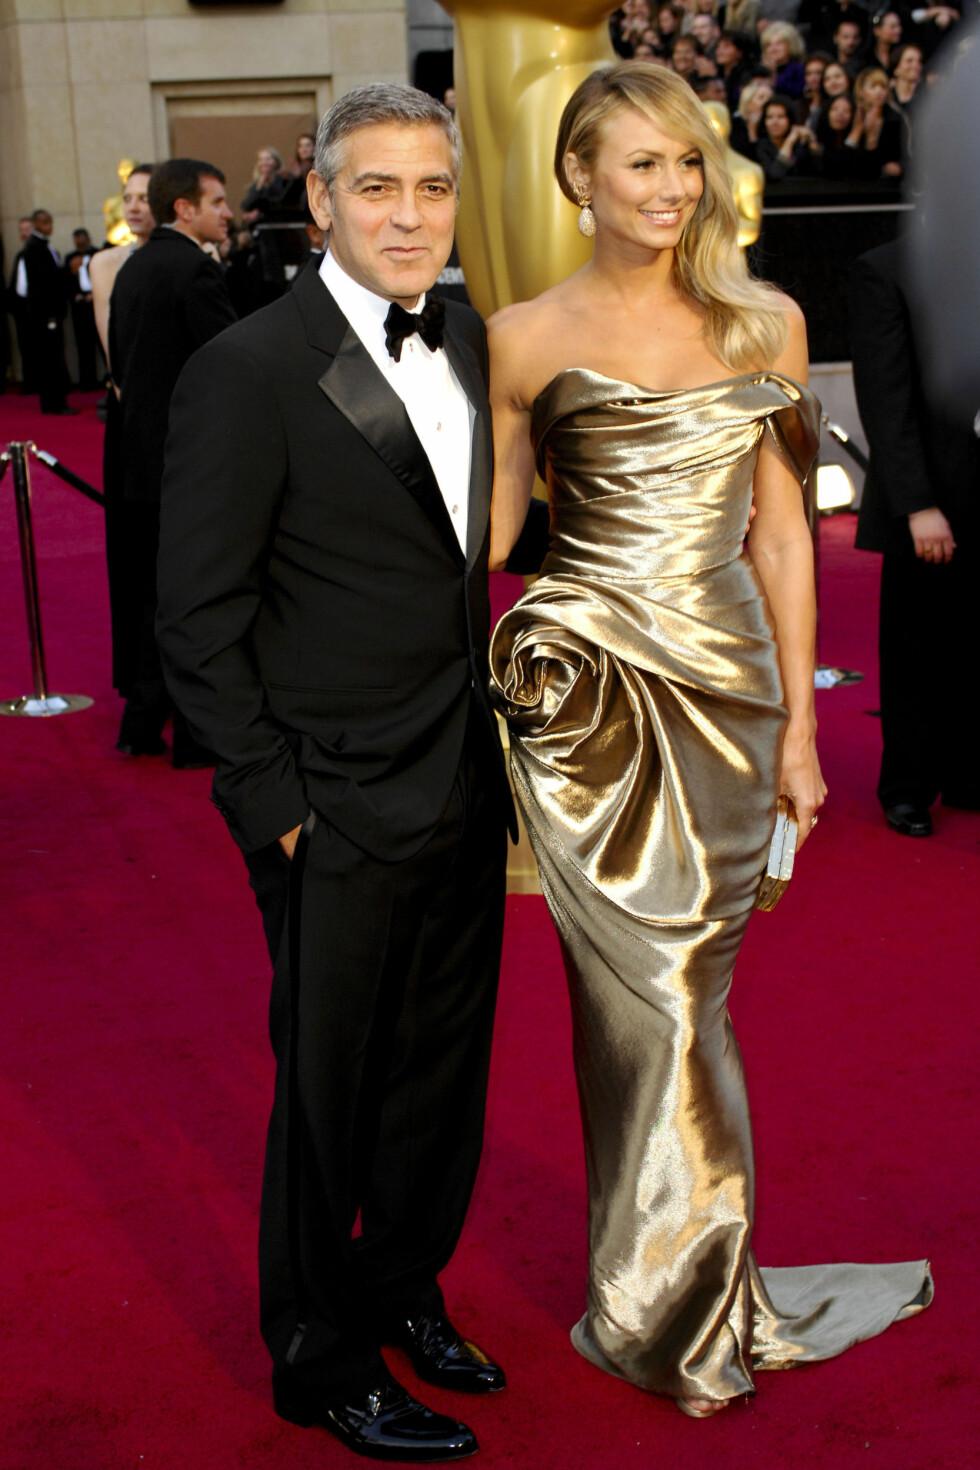 Stacey Keible, kjæresten til George Clooney, gikk for gull på årets Oscar. Foto: All Over Press